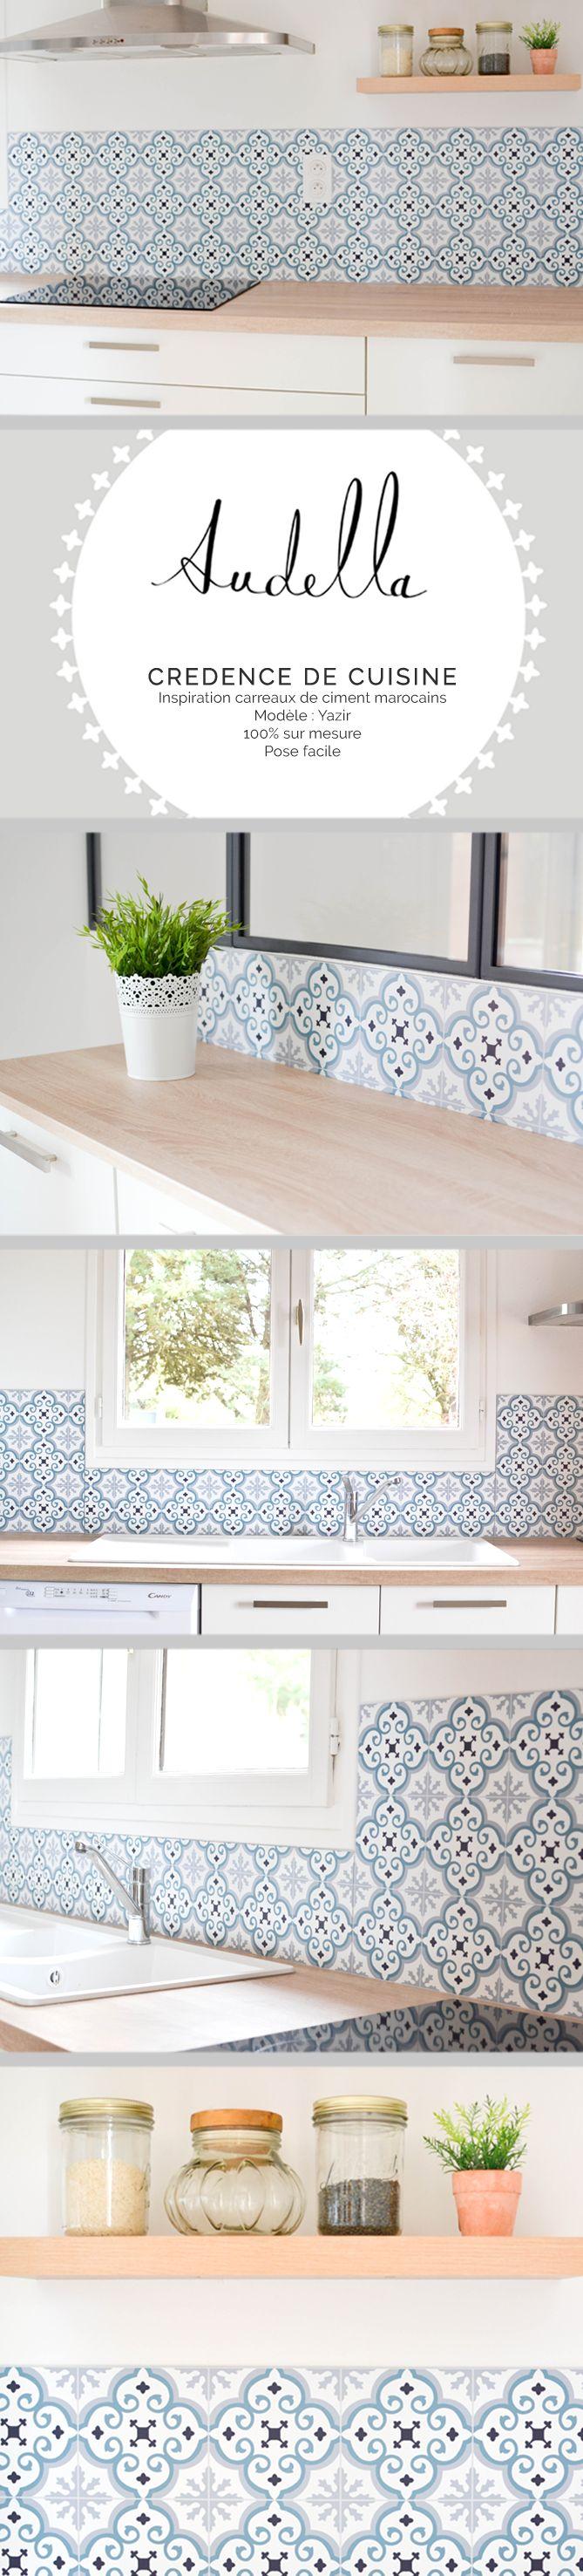 Réalisation d'une crédence de cuisine en panneaux aluminium, imitation carreaux de ciment, d'inspiration carreaux marocains. www.audella.fr #credence #cuisine #kitchenbacksplash #pattern #graphic #cementtiles #carreauxdeciment #kitchen #wood #white #light